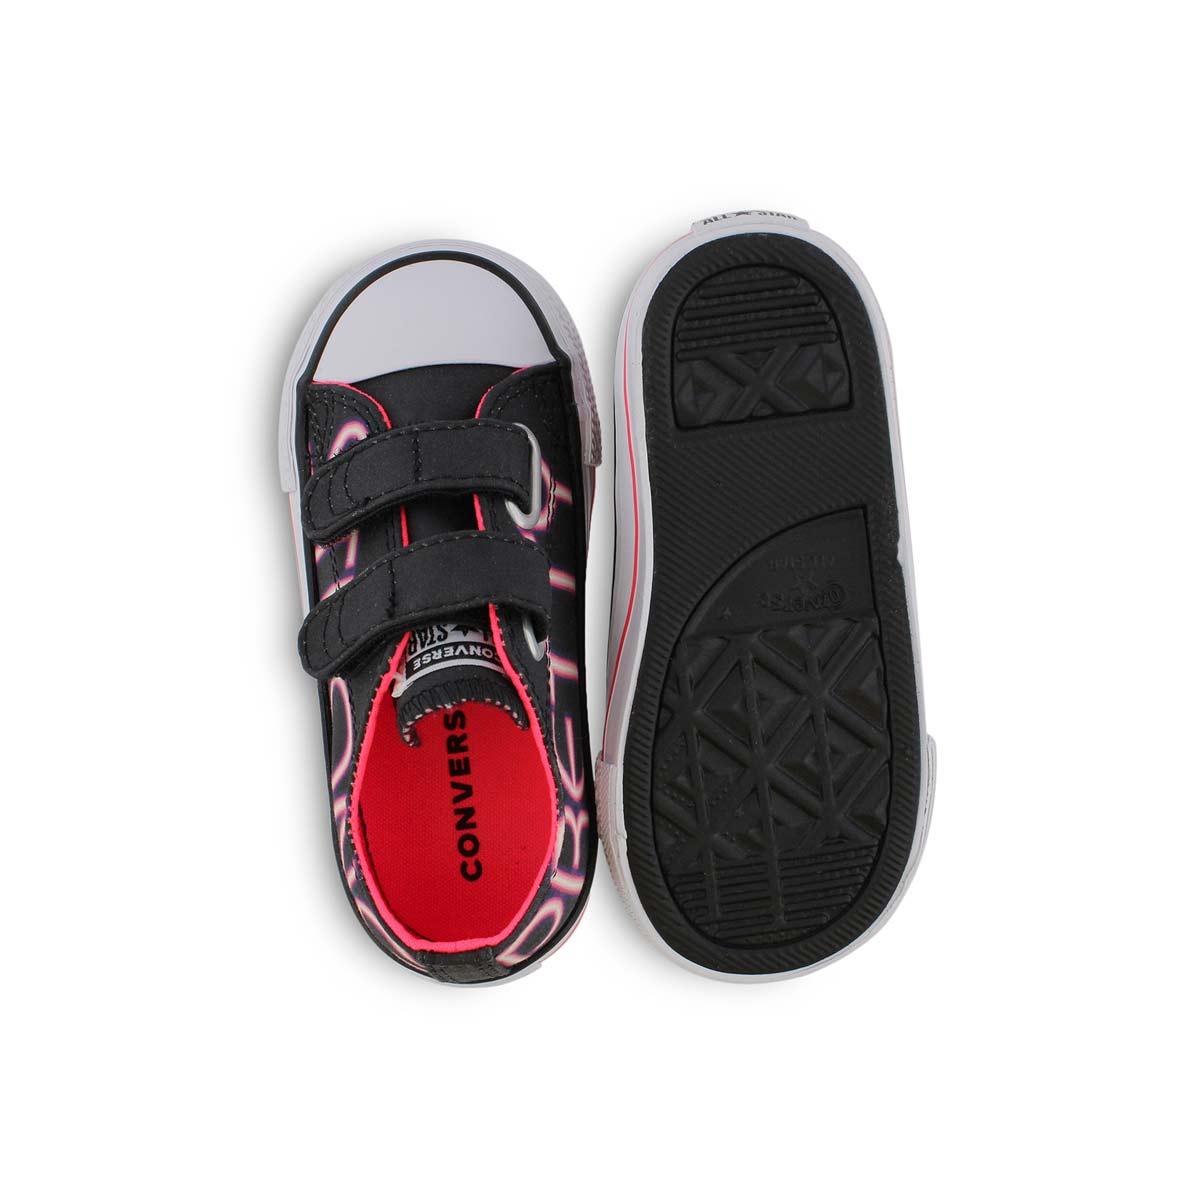 Inf-g CTAS Girl Power blk/pnk sneaker